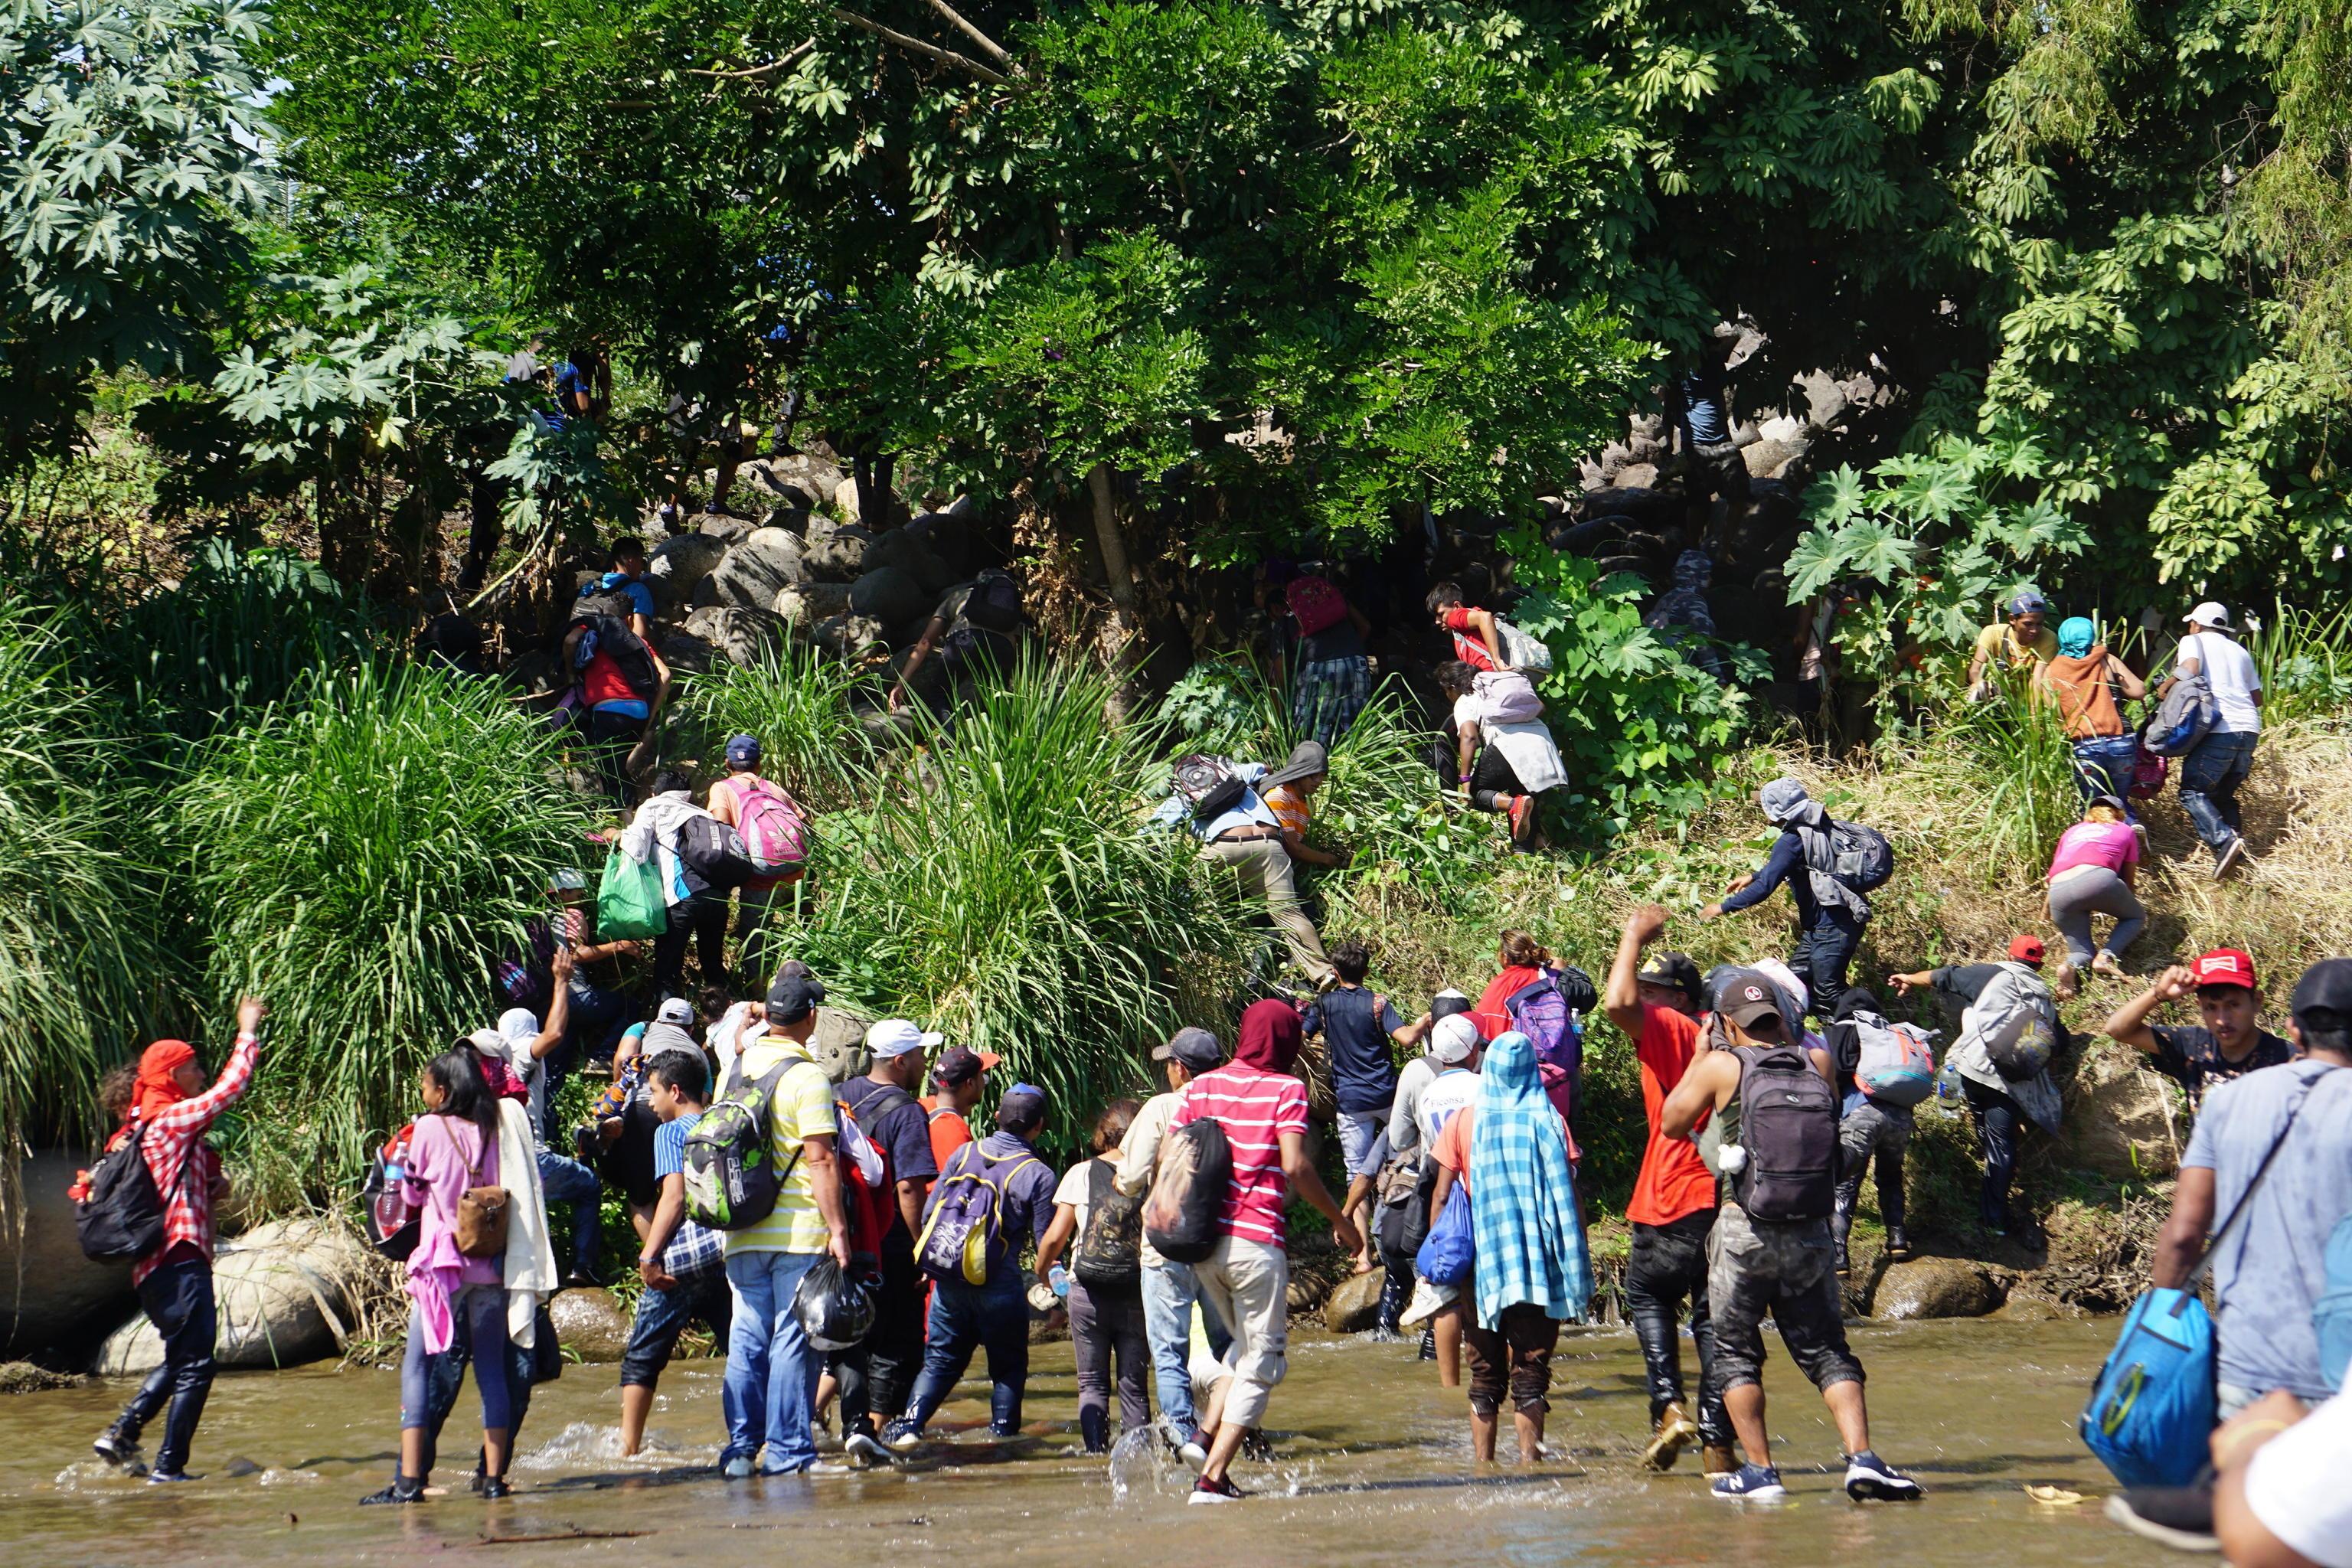 """Il governo messicano ha negato l'ingresso alla carovana: per questo in molti hanno attraversato """"illegalmente"""" il confine"""